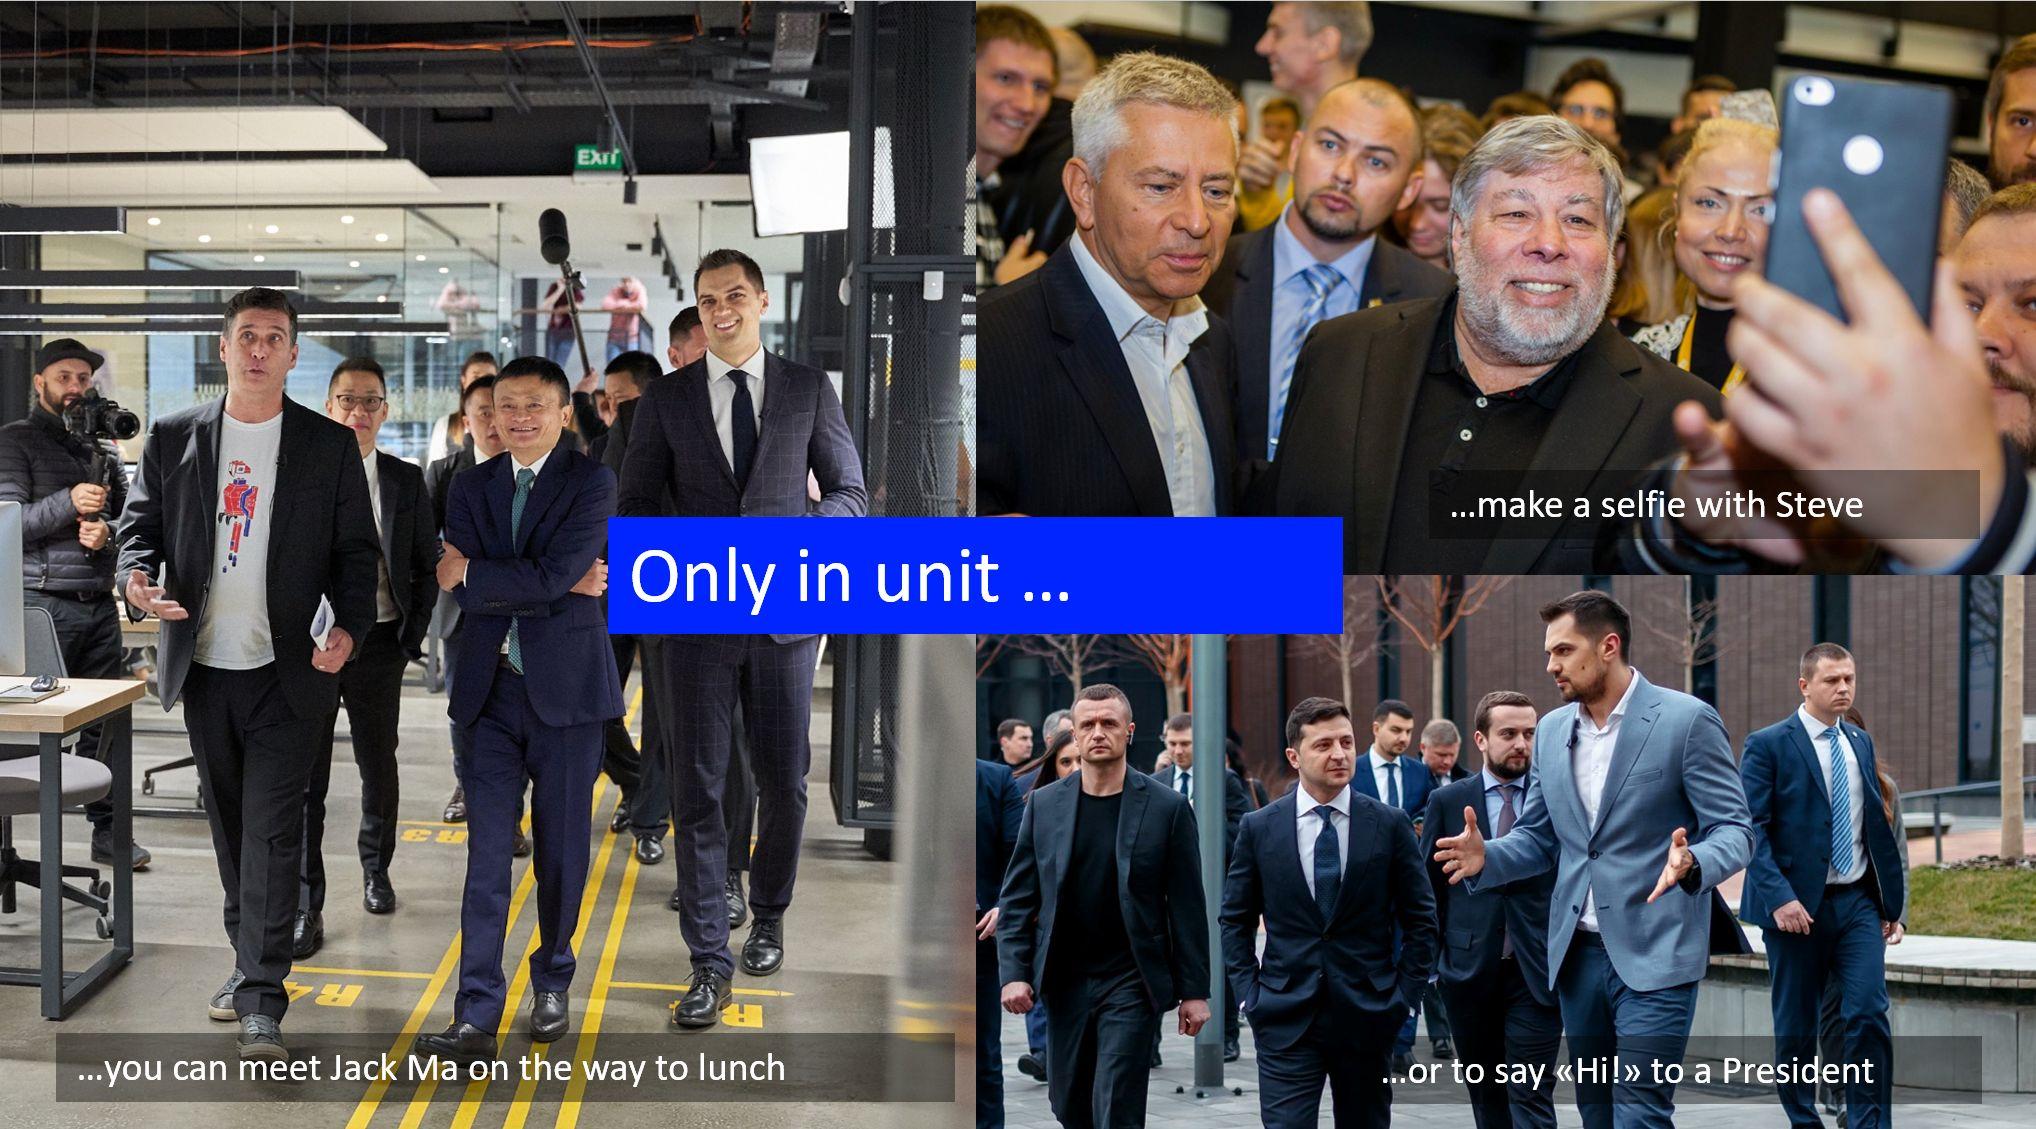 Среди посетителей и участников мероприятий можно увидеть Президента Украины, Джека Ма или Стива Возняка